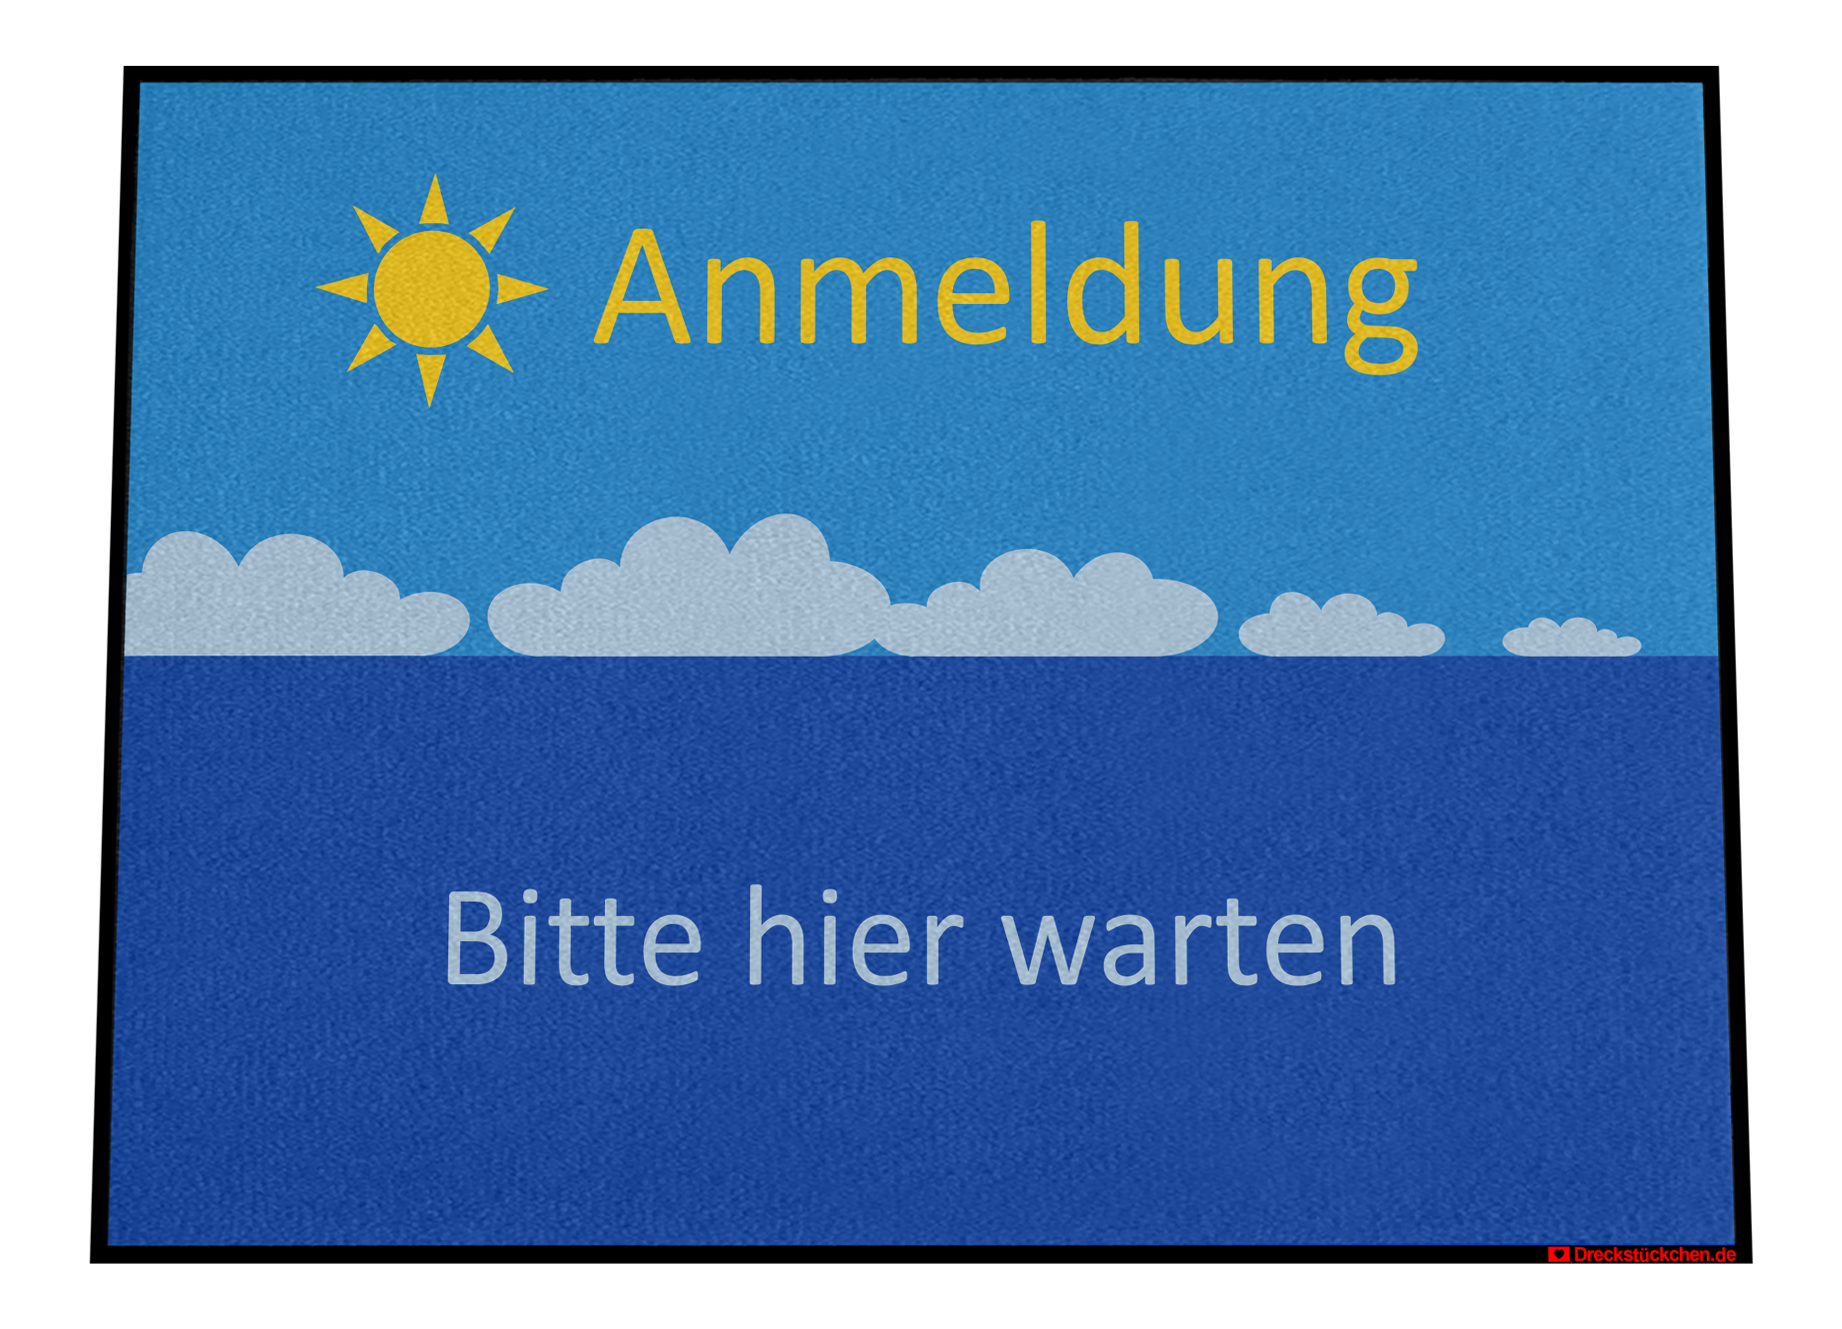 Diskretion_Anmeldung_Abstandhalter_Fußmatte_Dreckstückchen_EntwurfB90x65